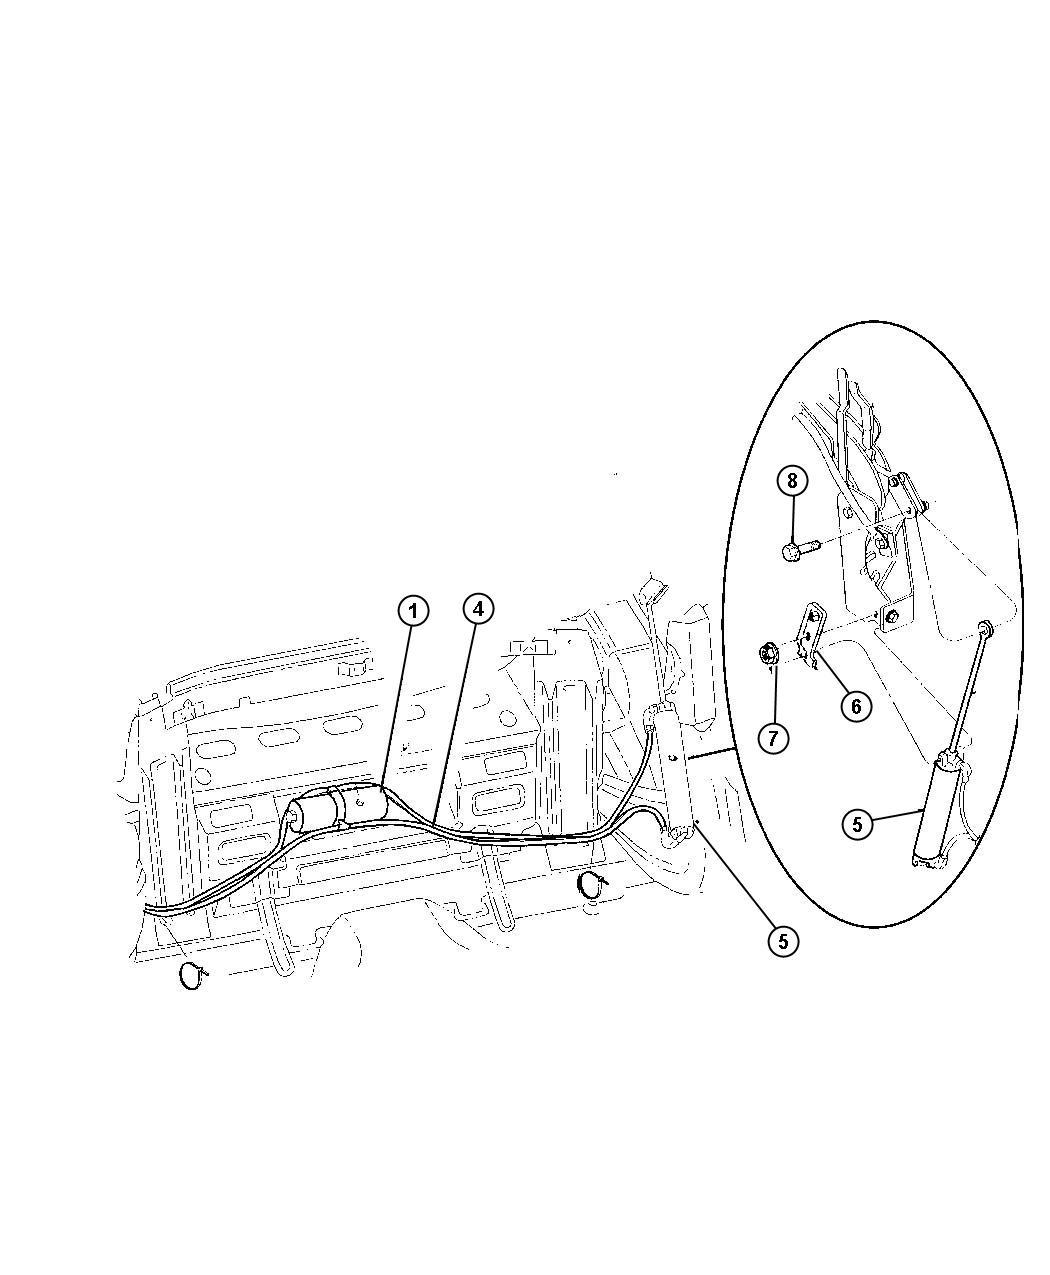 2005 chrysler sebring radio wiring diagram